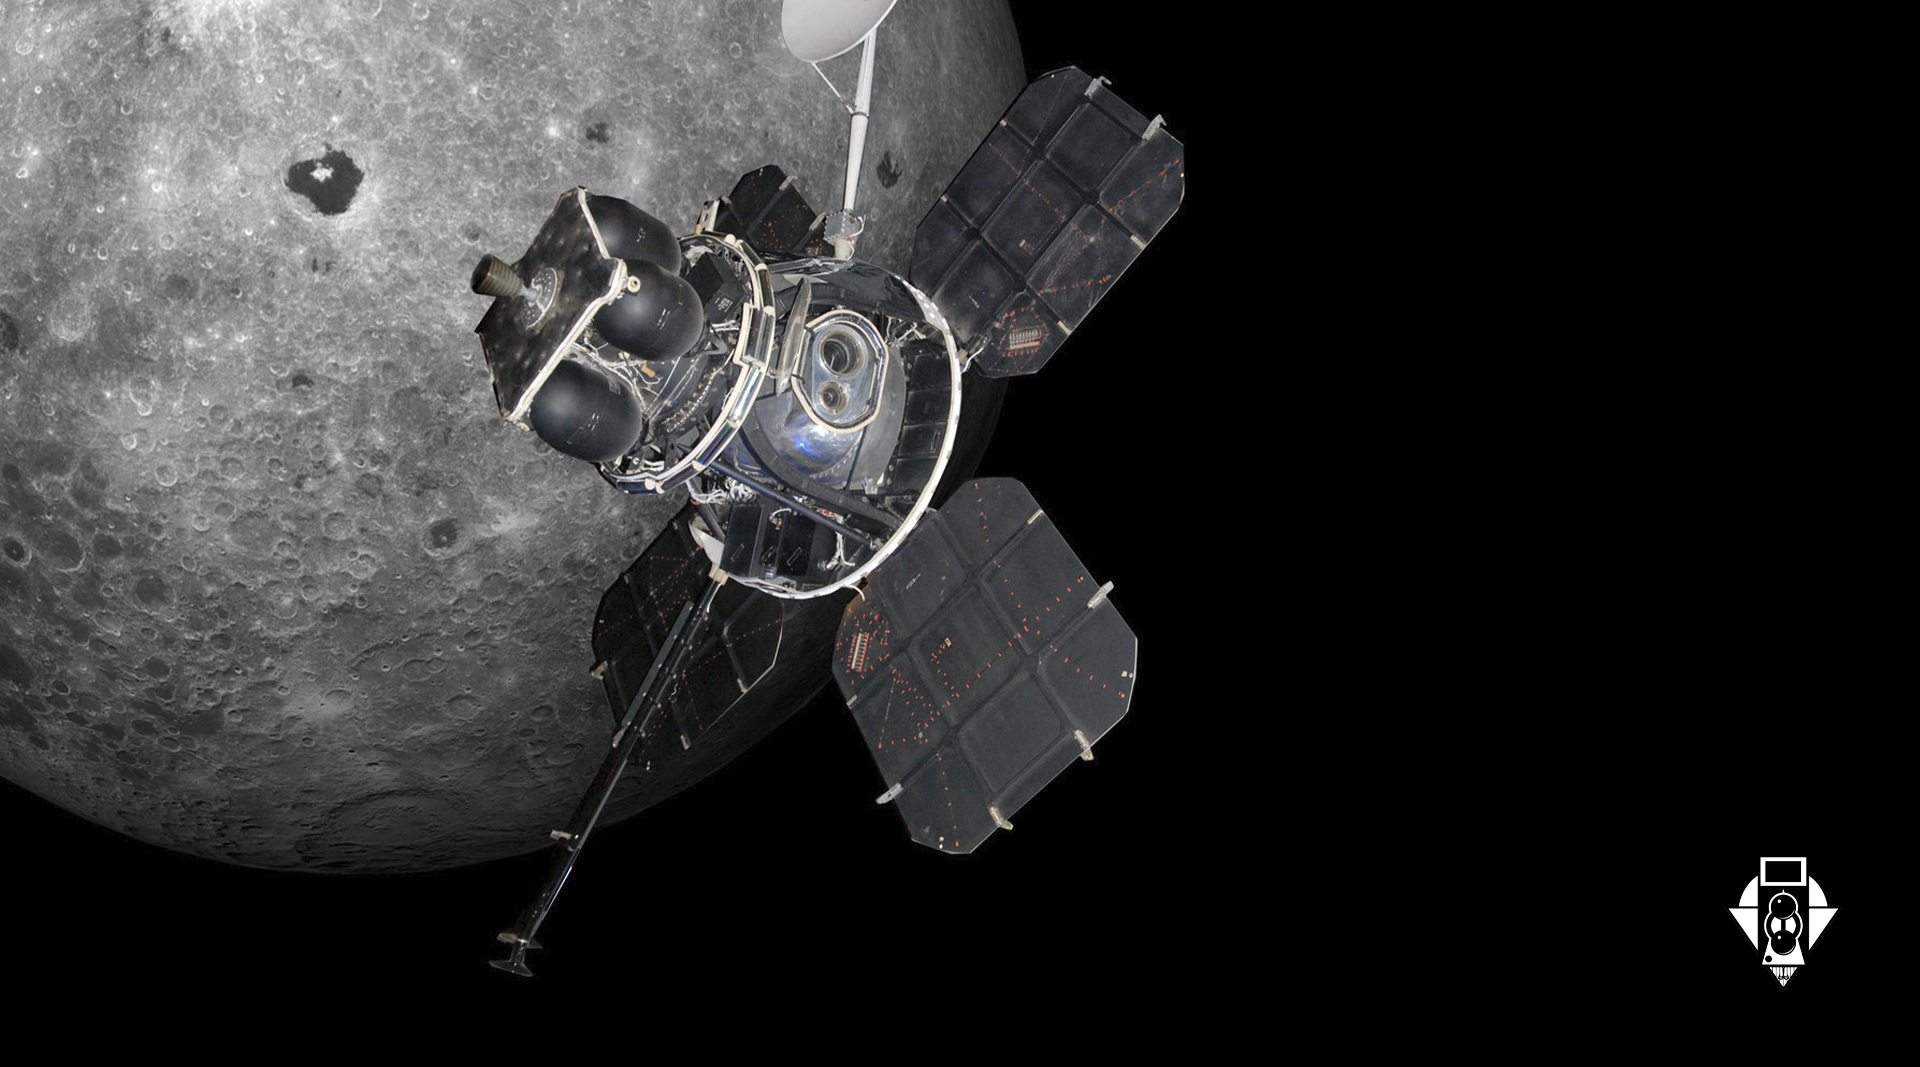 Черно-белый и невидимый космос. Фотографии и приборы